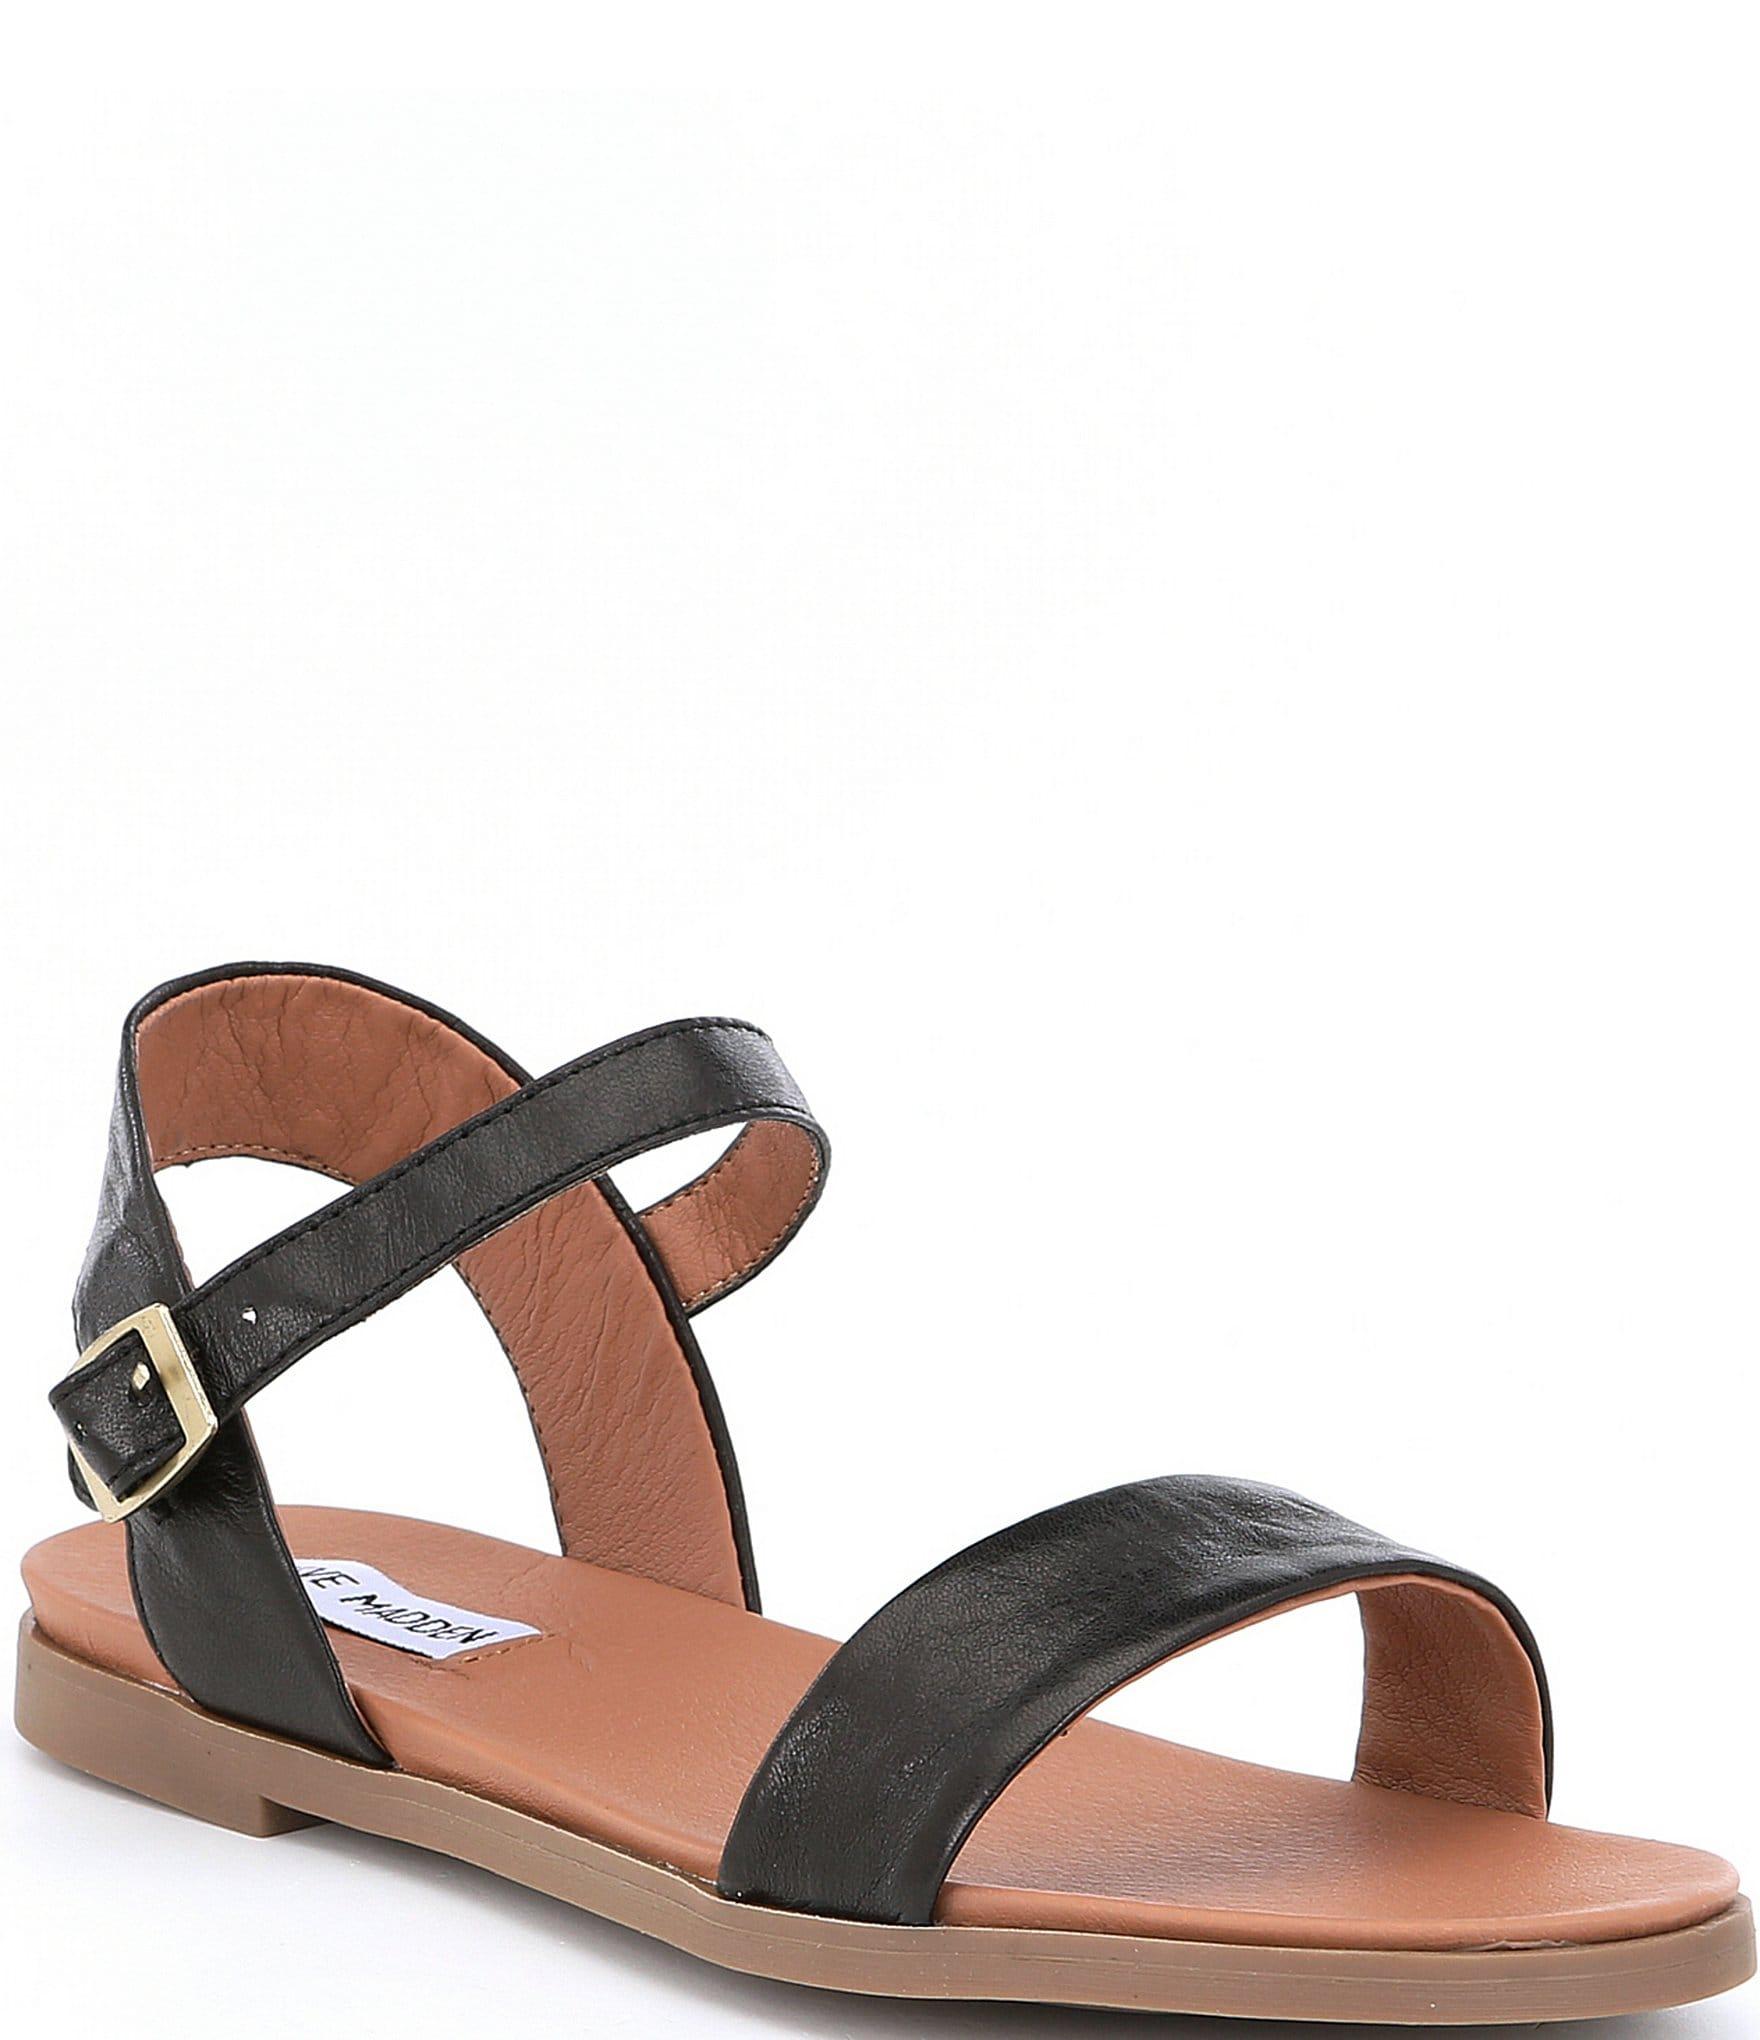 Sandals for Women On Sale, Black, Fabric, 2017, 4.5 5.5 6 6.5 7.5 Steve Madden